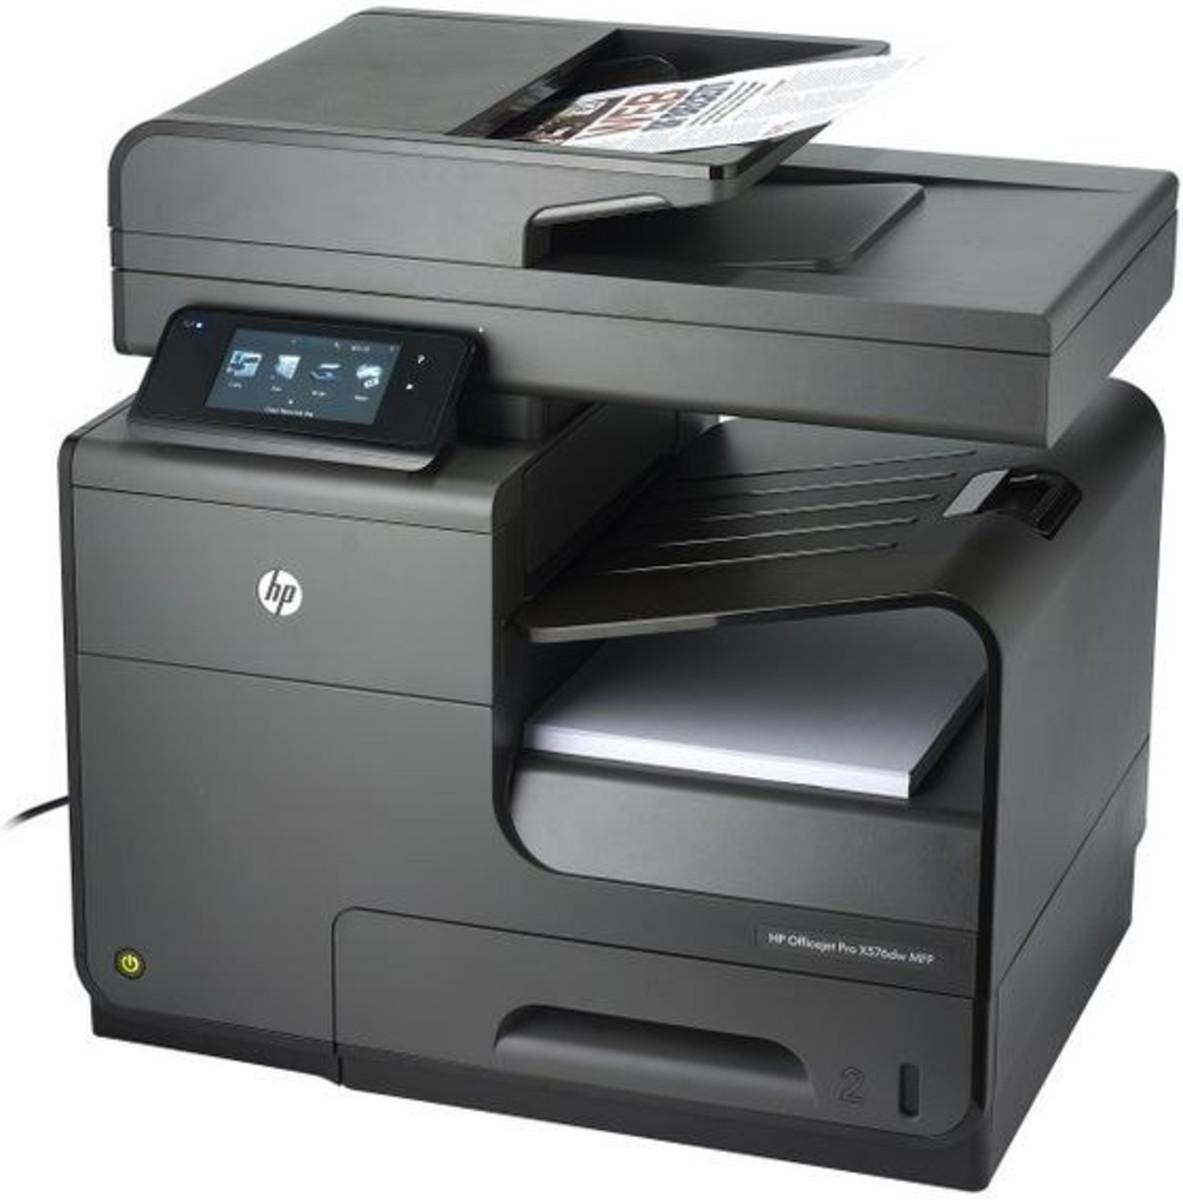 HP Officejet PRO X576dw Inkjet Printer